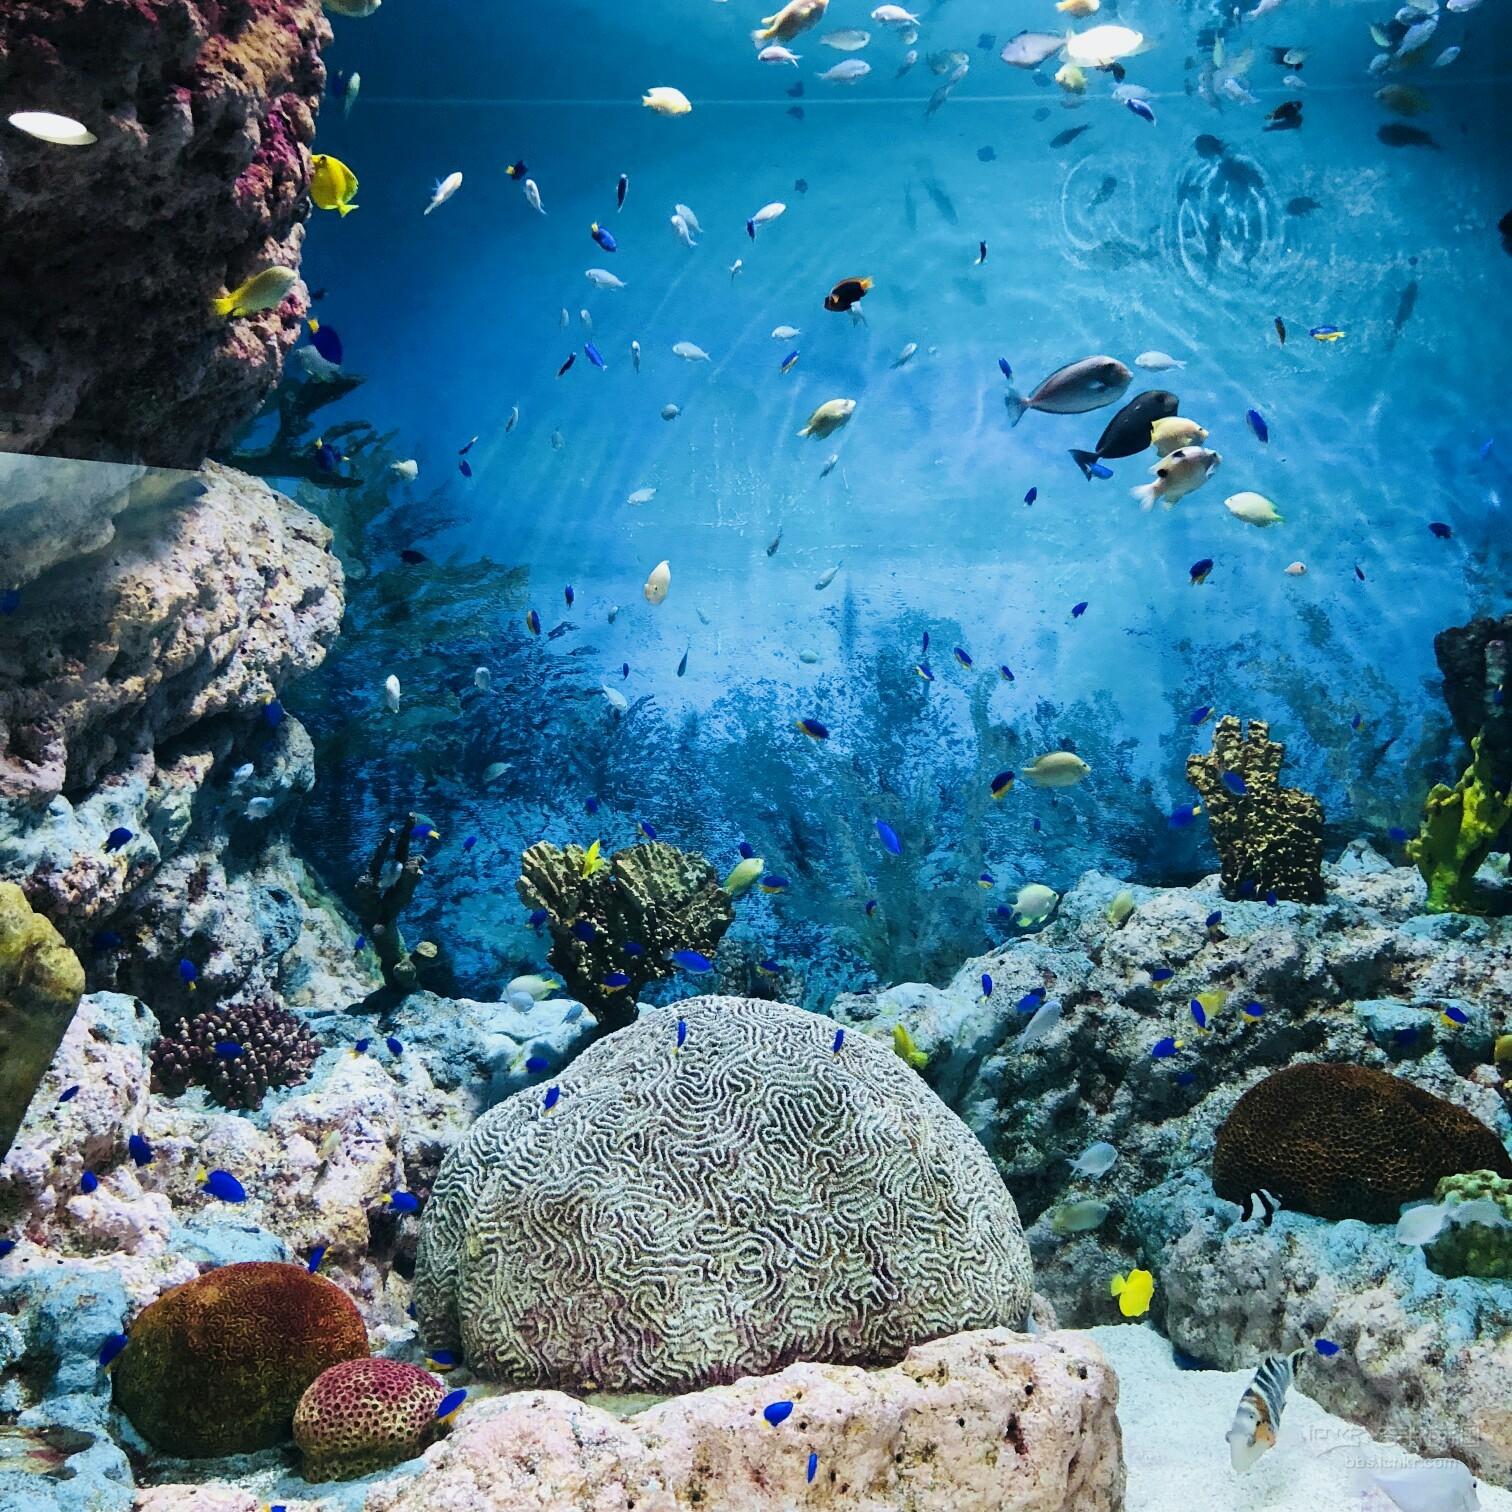 壁纸 海底 海底世界 海洋馆 水族馆 桌面 1512_1512